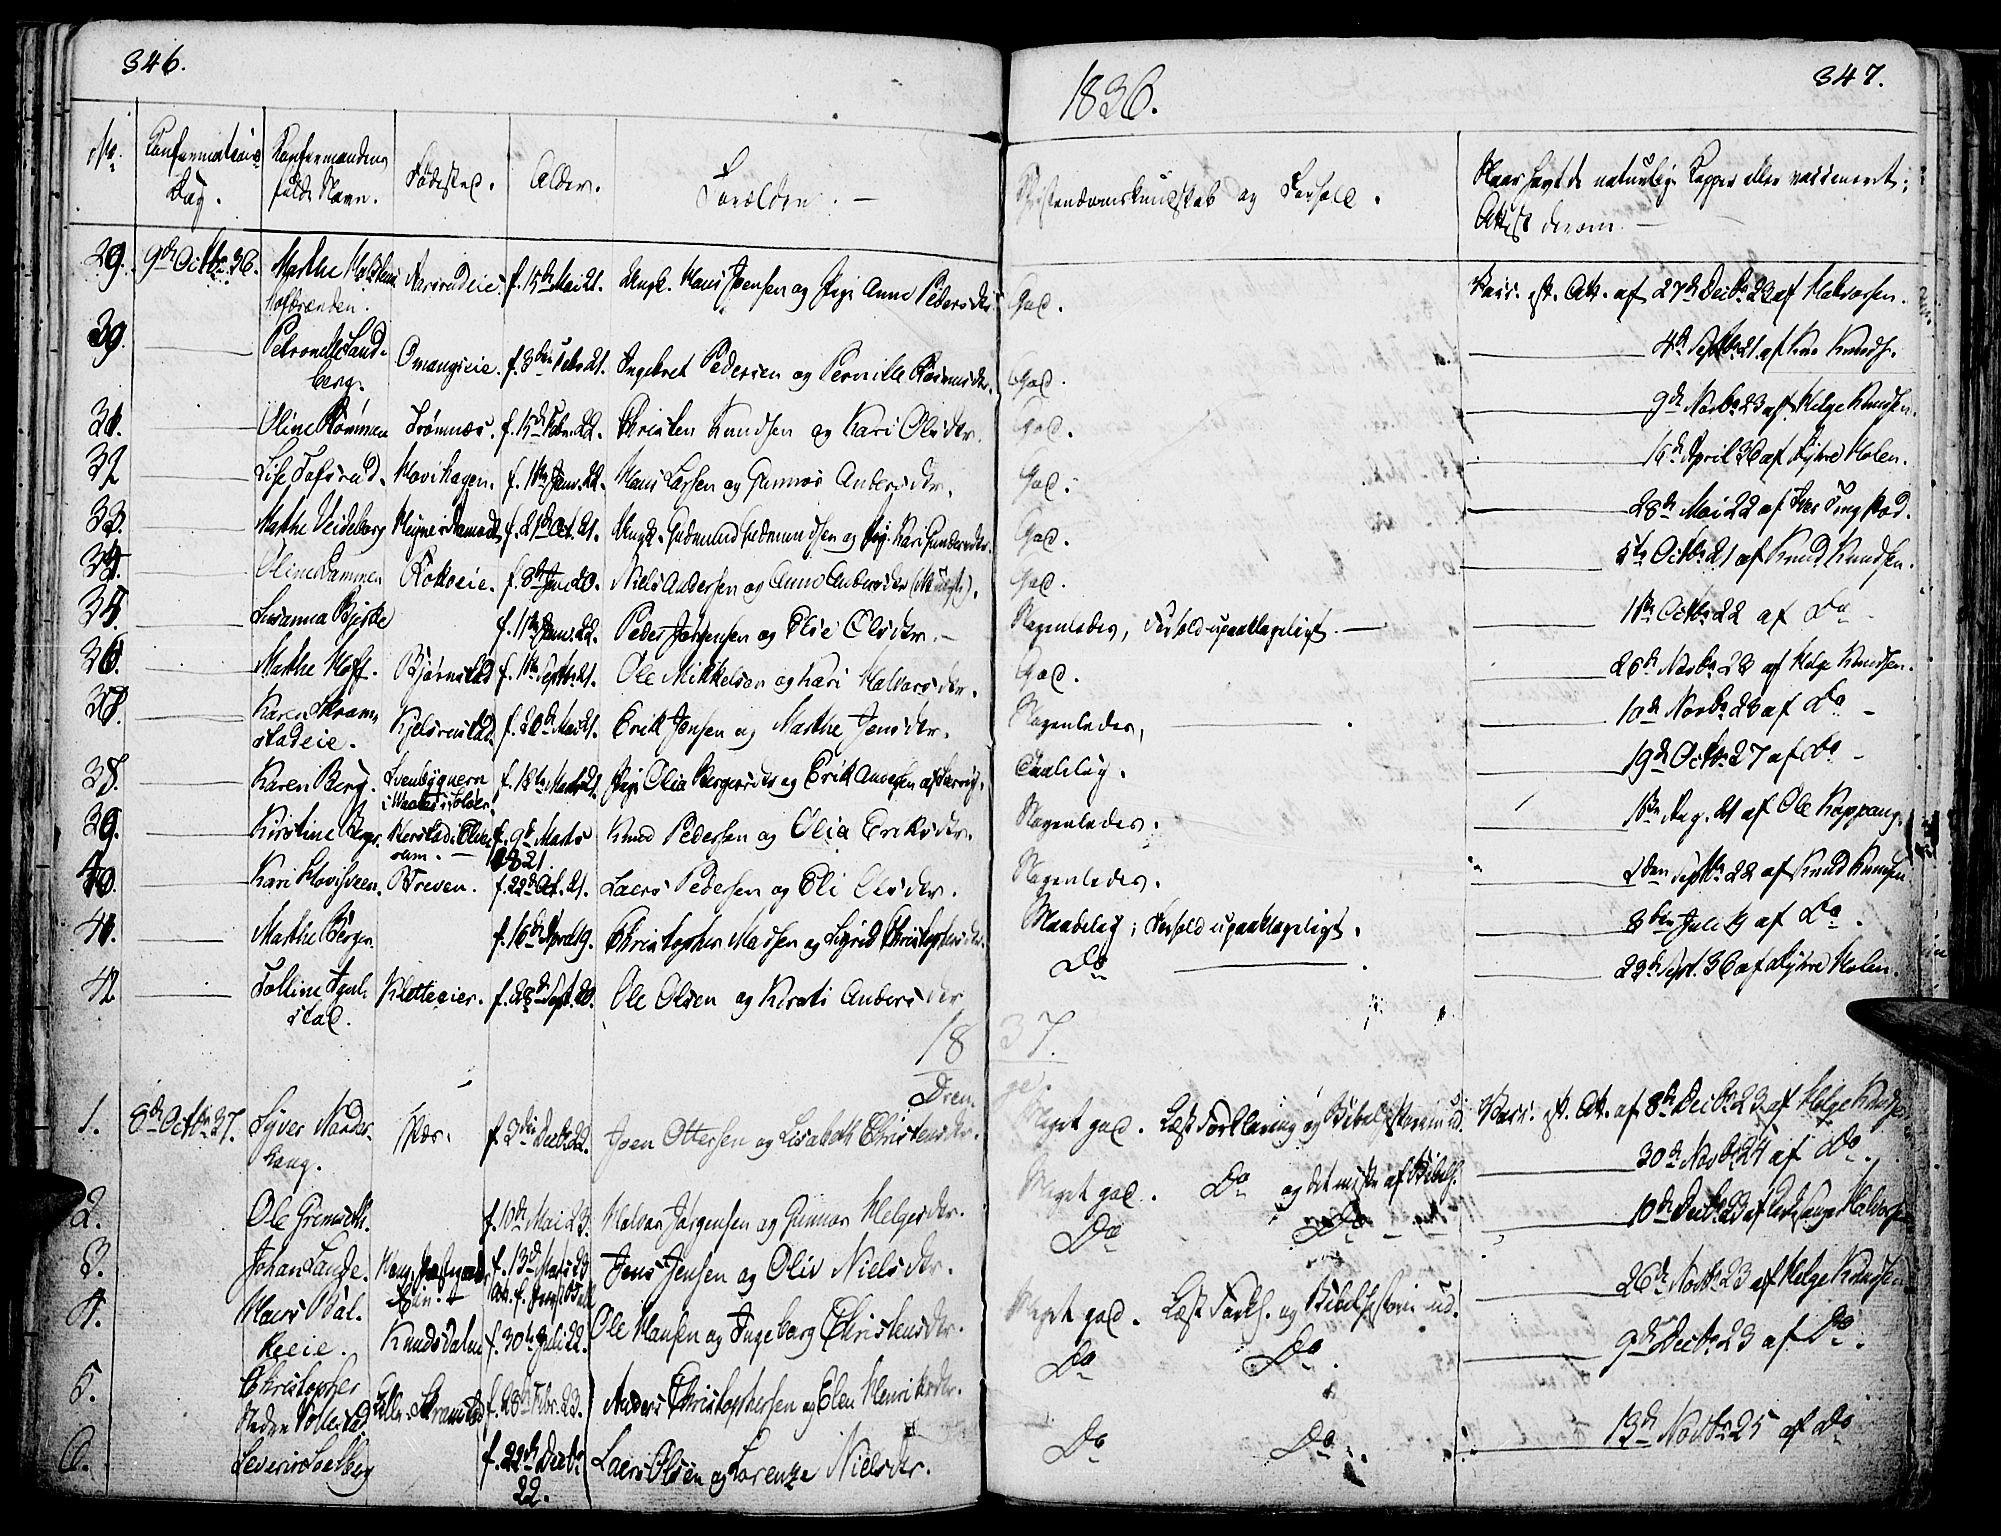 SAH, Løten prestekontor, K/Ka/L0006: Parish register (official) no. 6, 1832-1849, p. 346-347